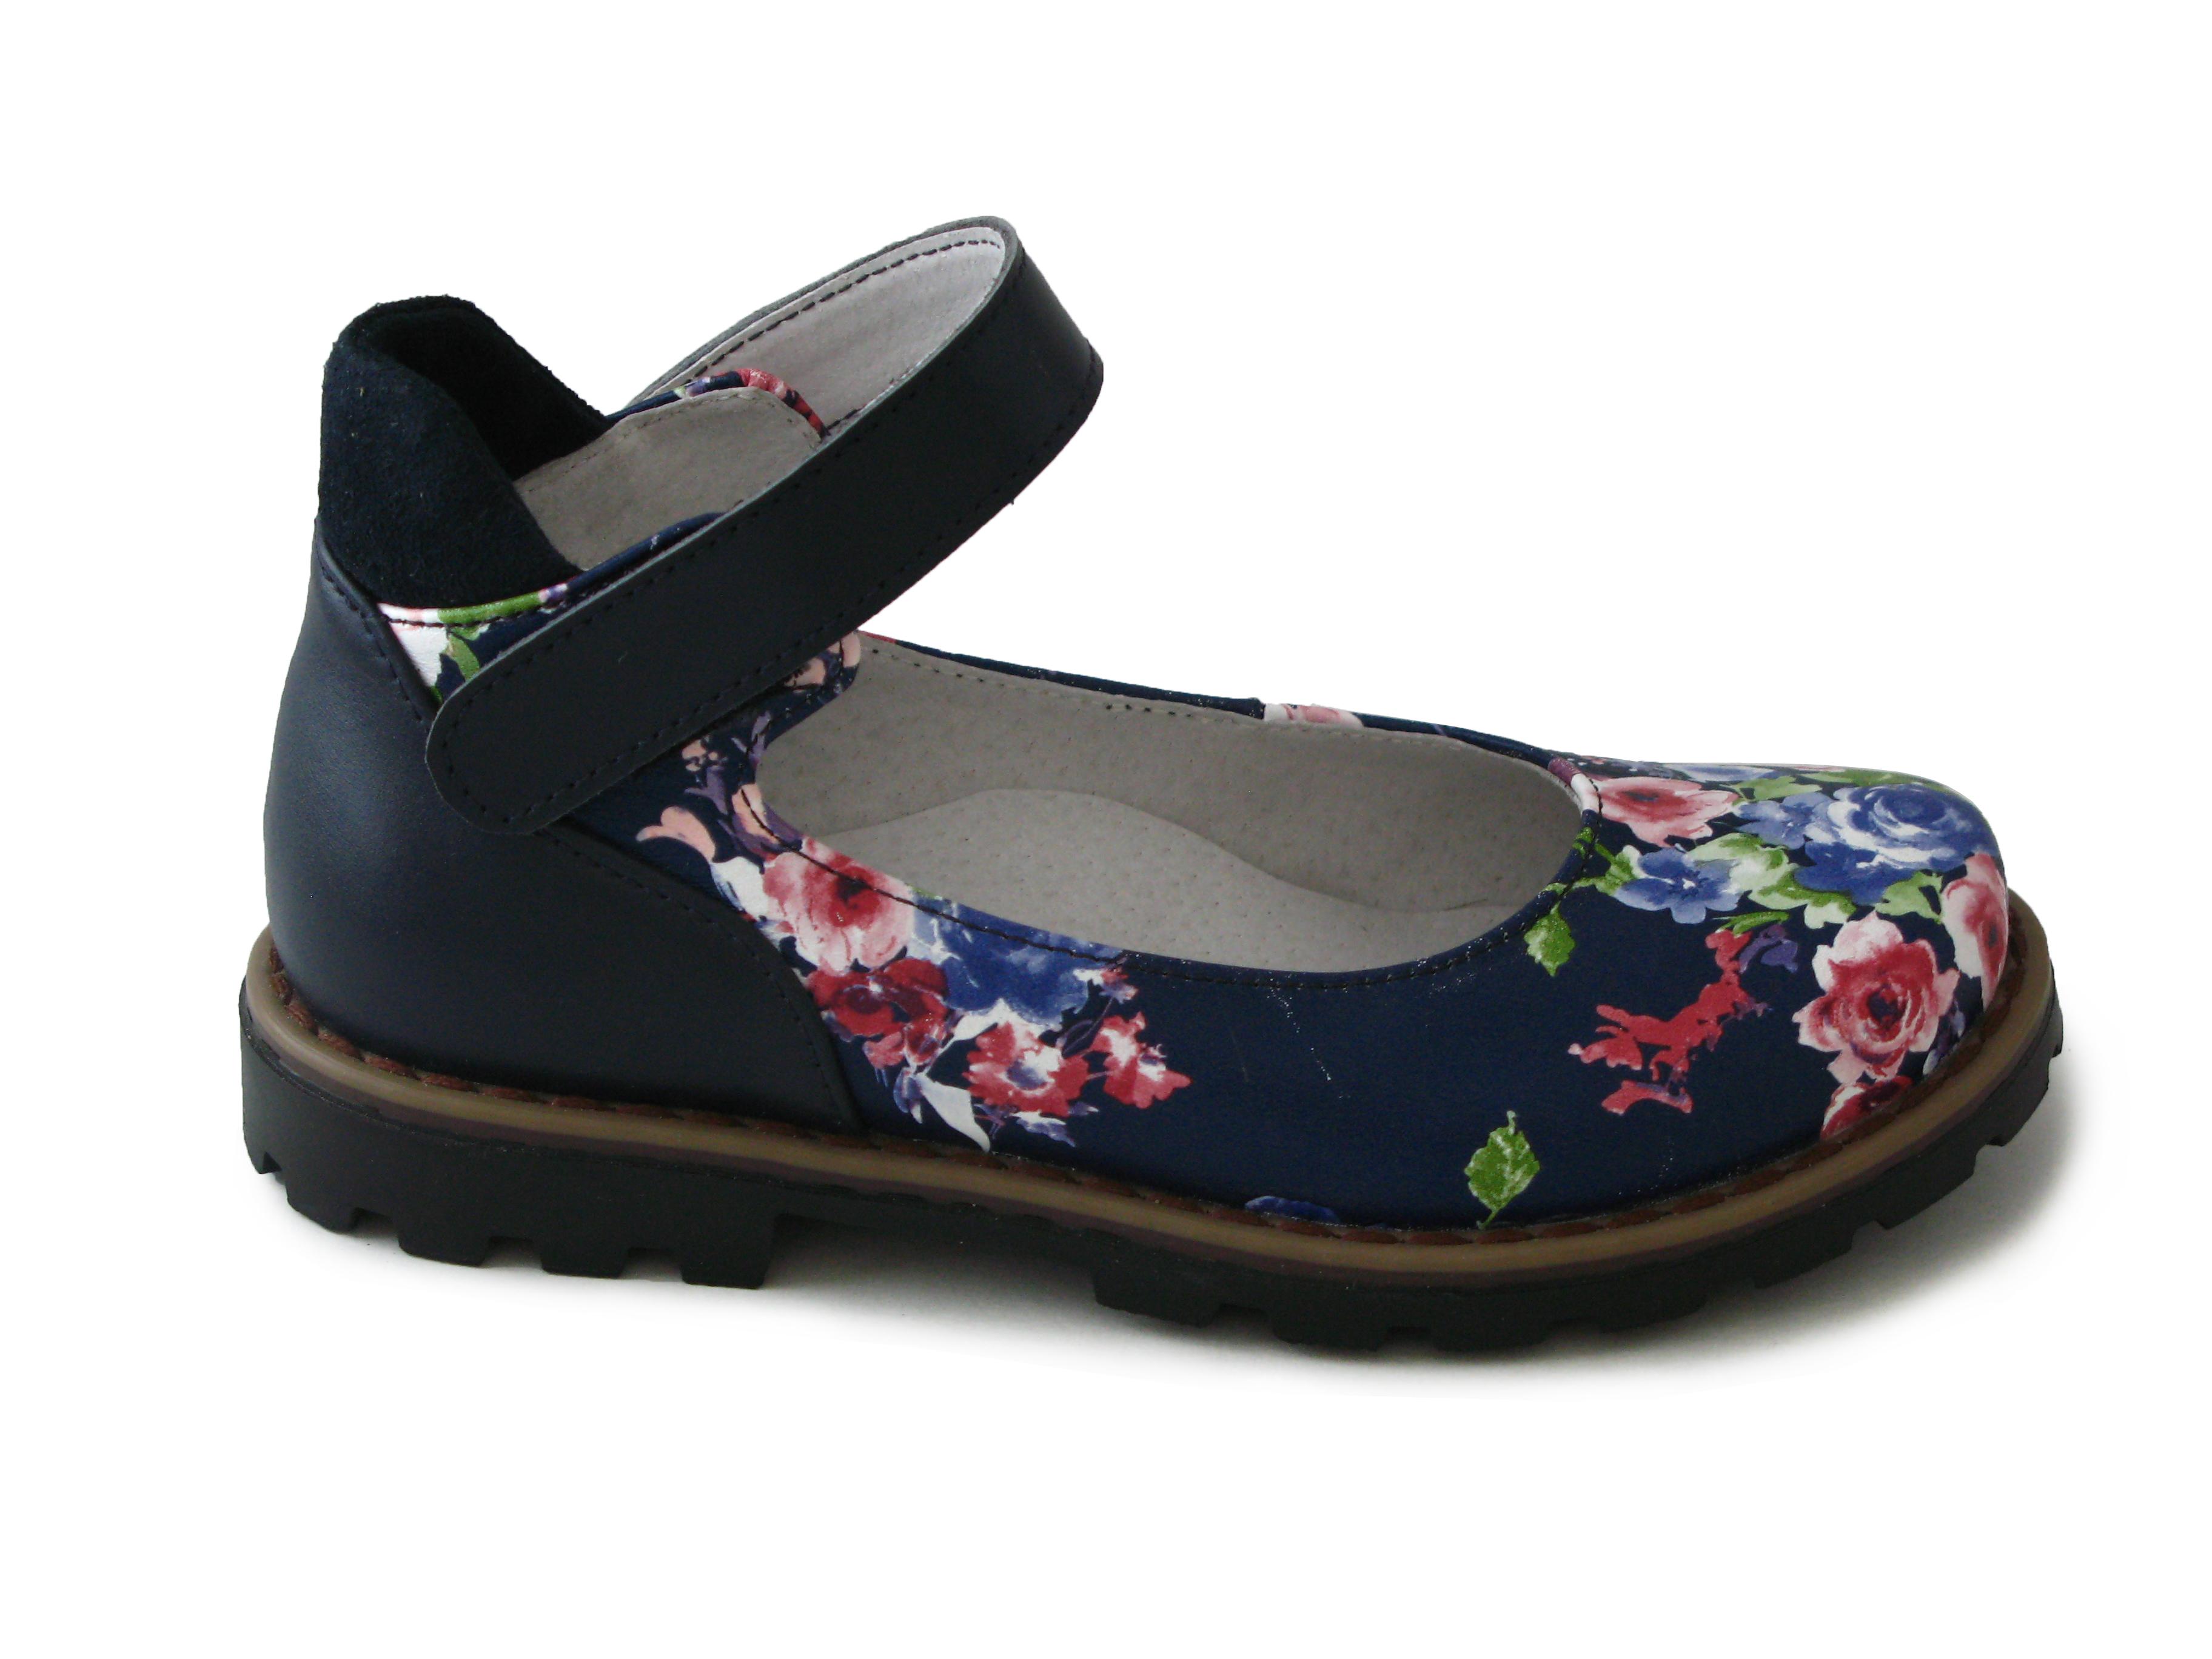 30e85ba80970c0 Туфлі з квітковим принтом Giorgio Vito купити у роздріб - Товари ...